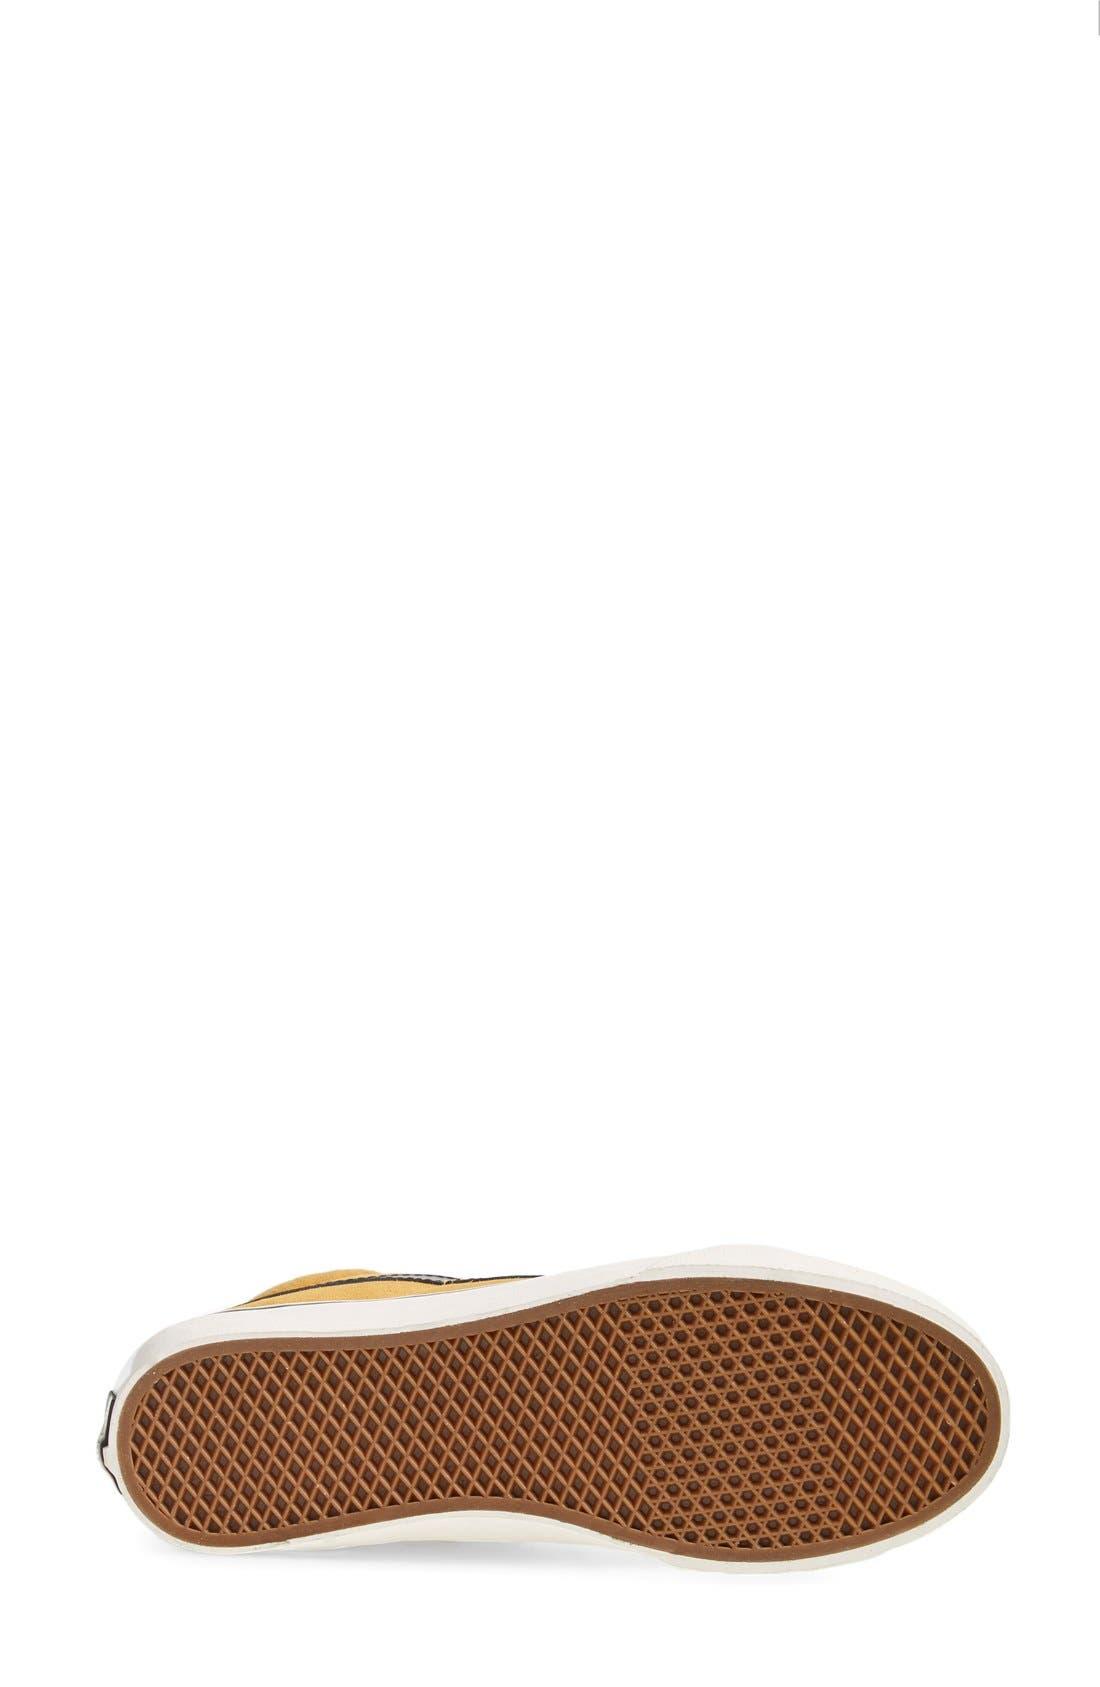 Alternate Image 4  - Vans 'Sk8-Hi Slim' Suede Sneaker (Women)